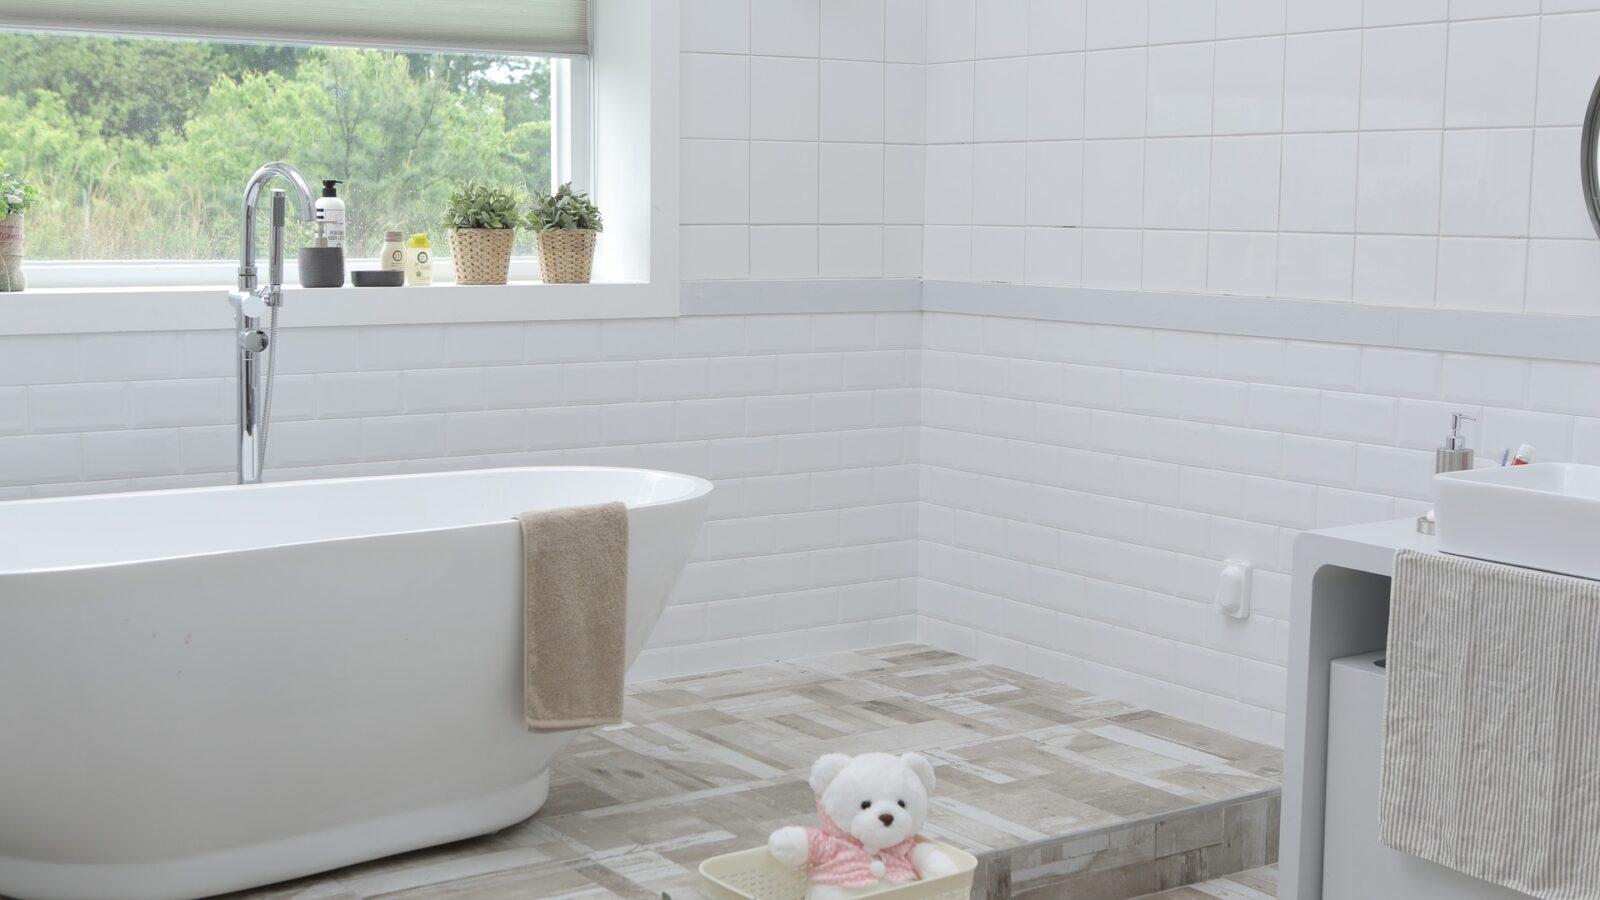 blog erfolg mit immobilien. Black Bedroom Furniture Sets. Home Design Ideas